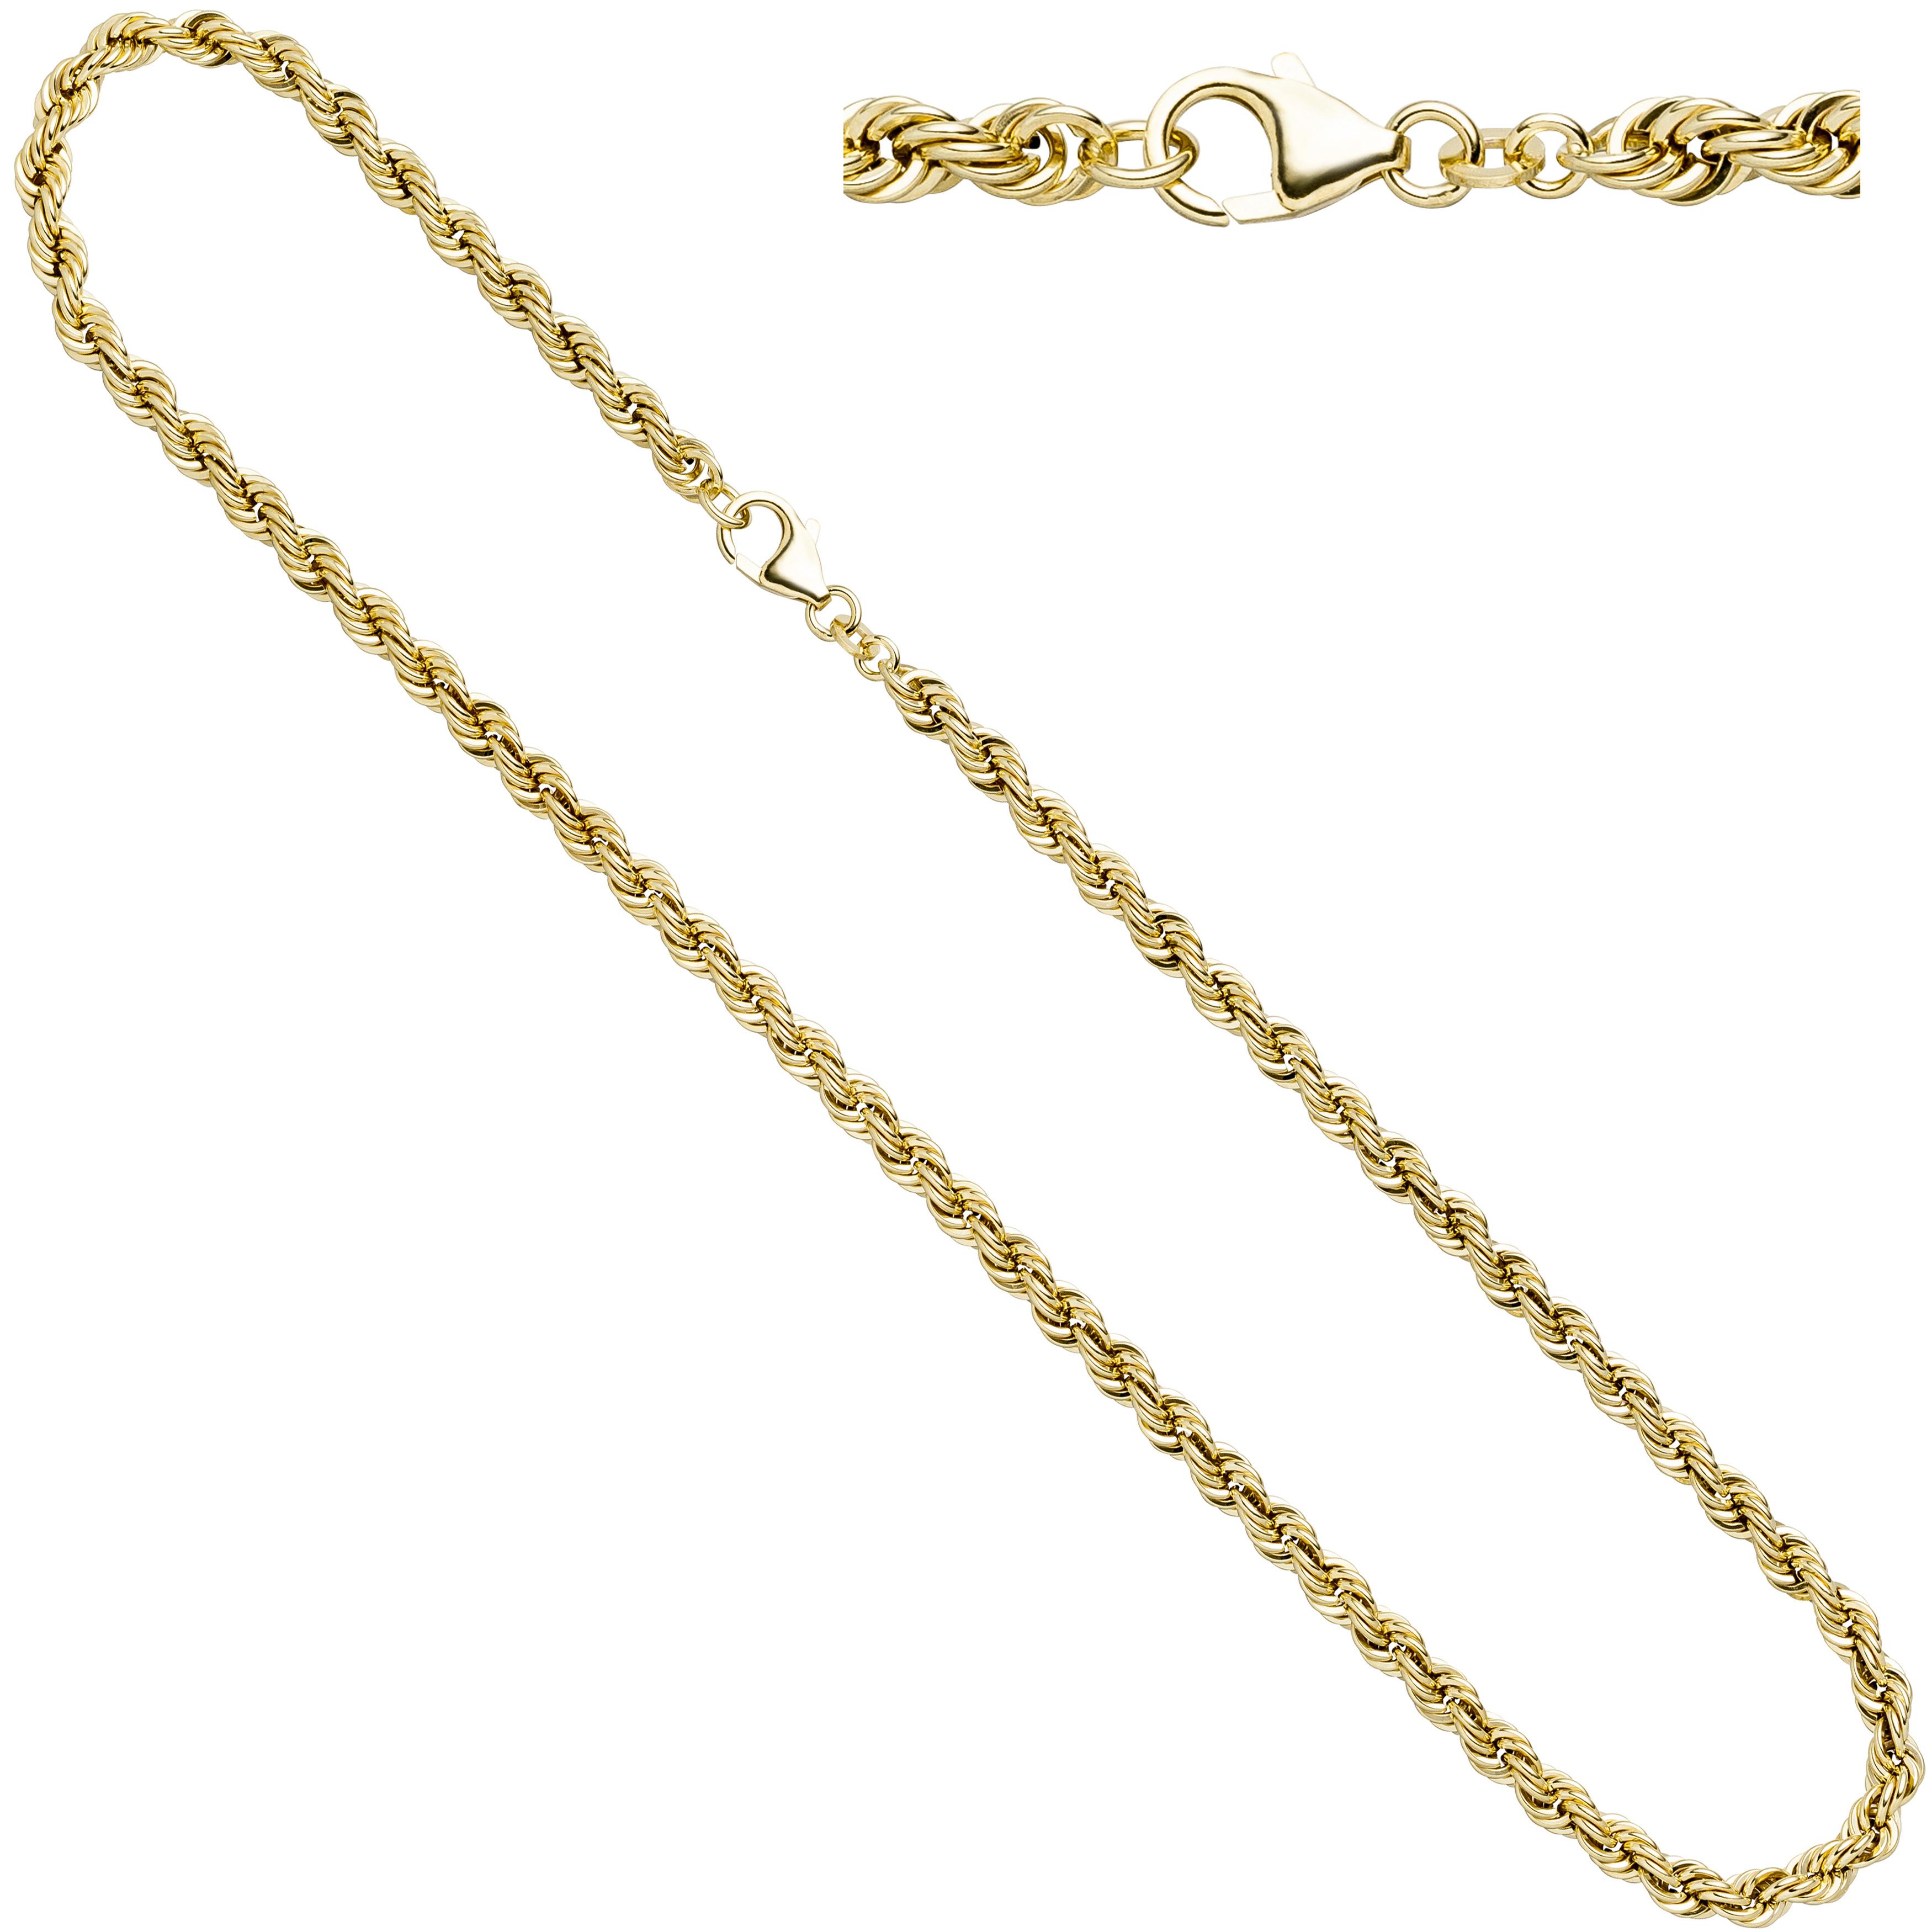 Kordelkette 585 Gelbgold 4,9 mm 80 cm Gold Kette Halskette Goldkette Karabiner.